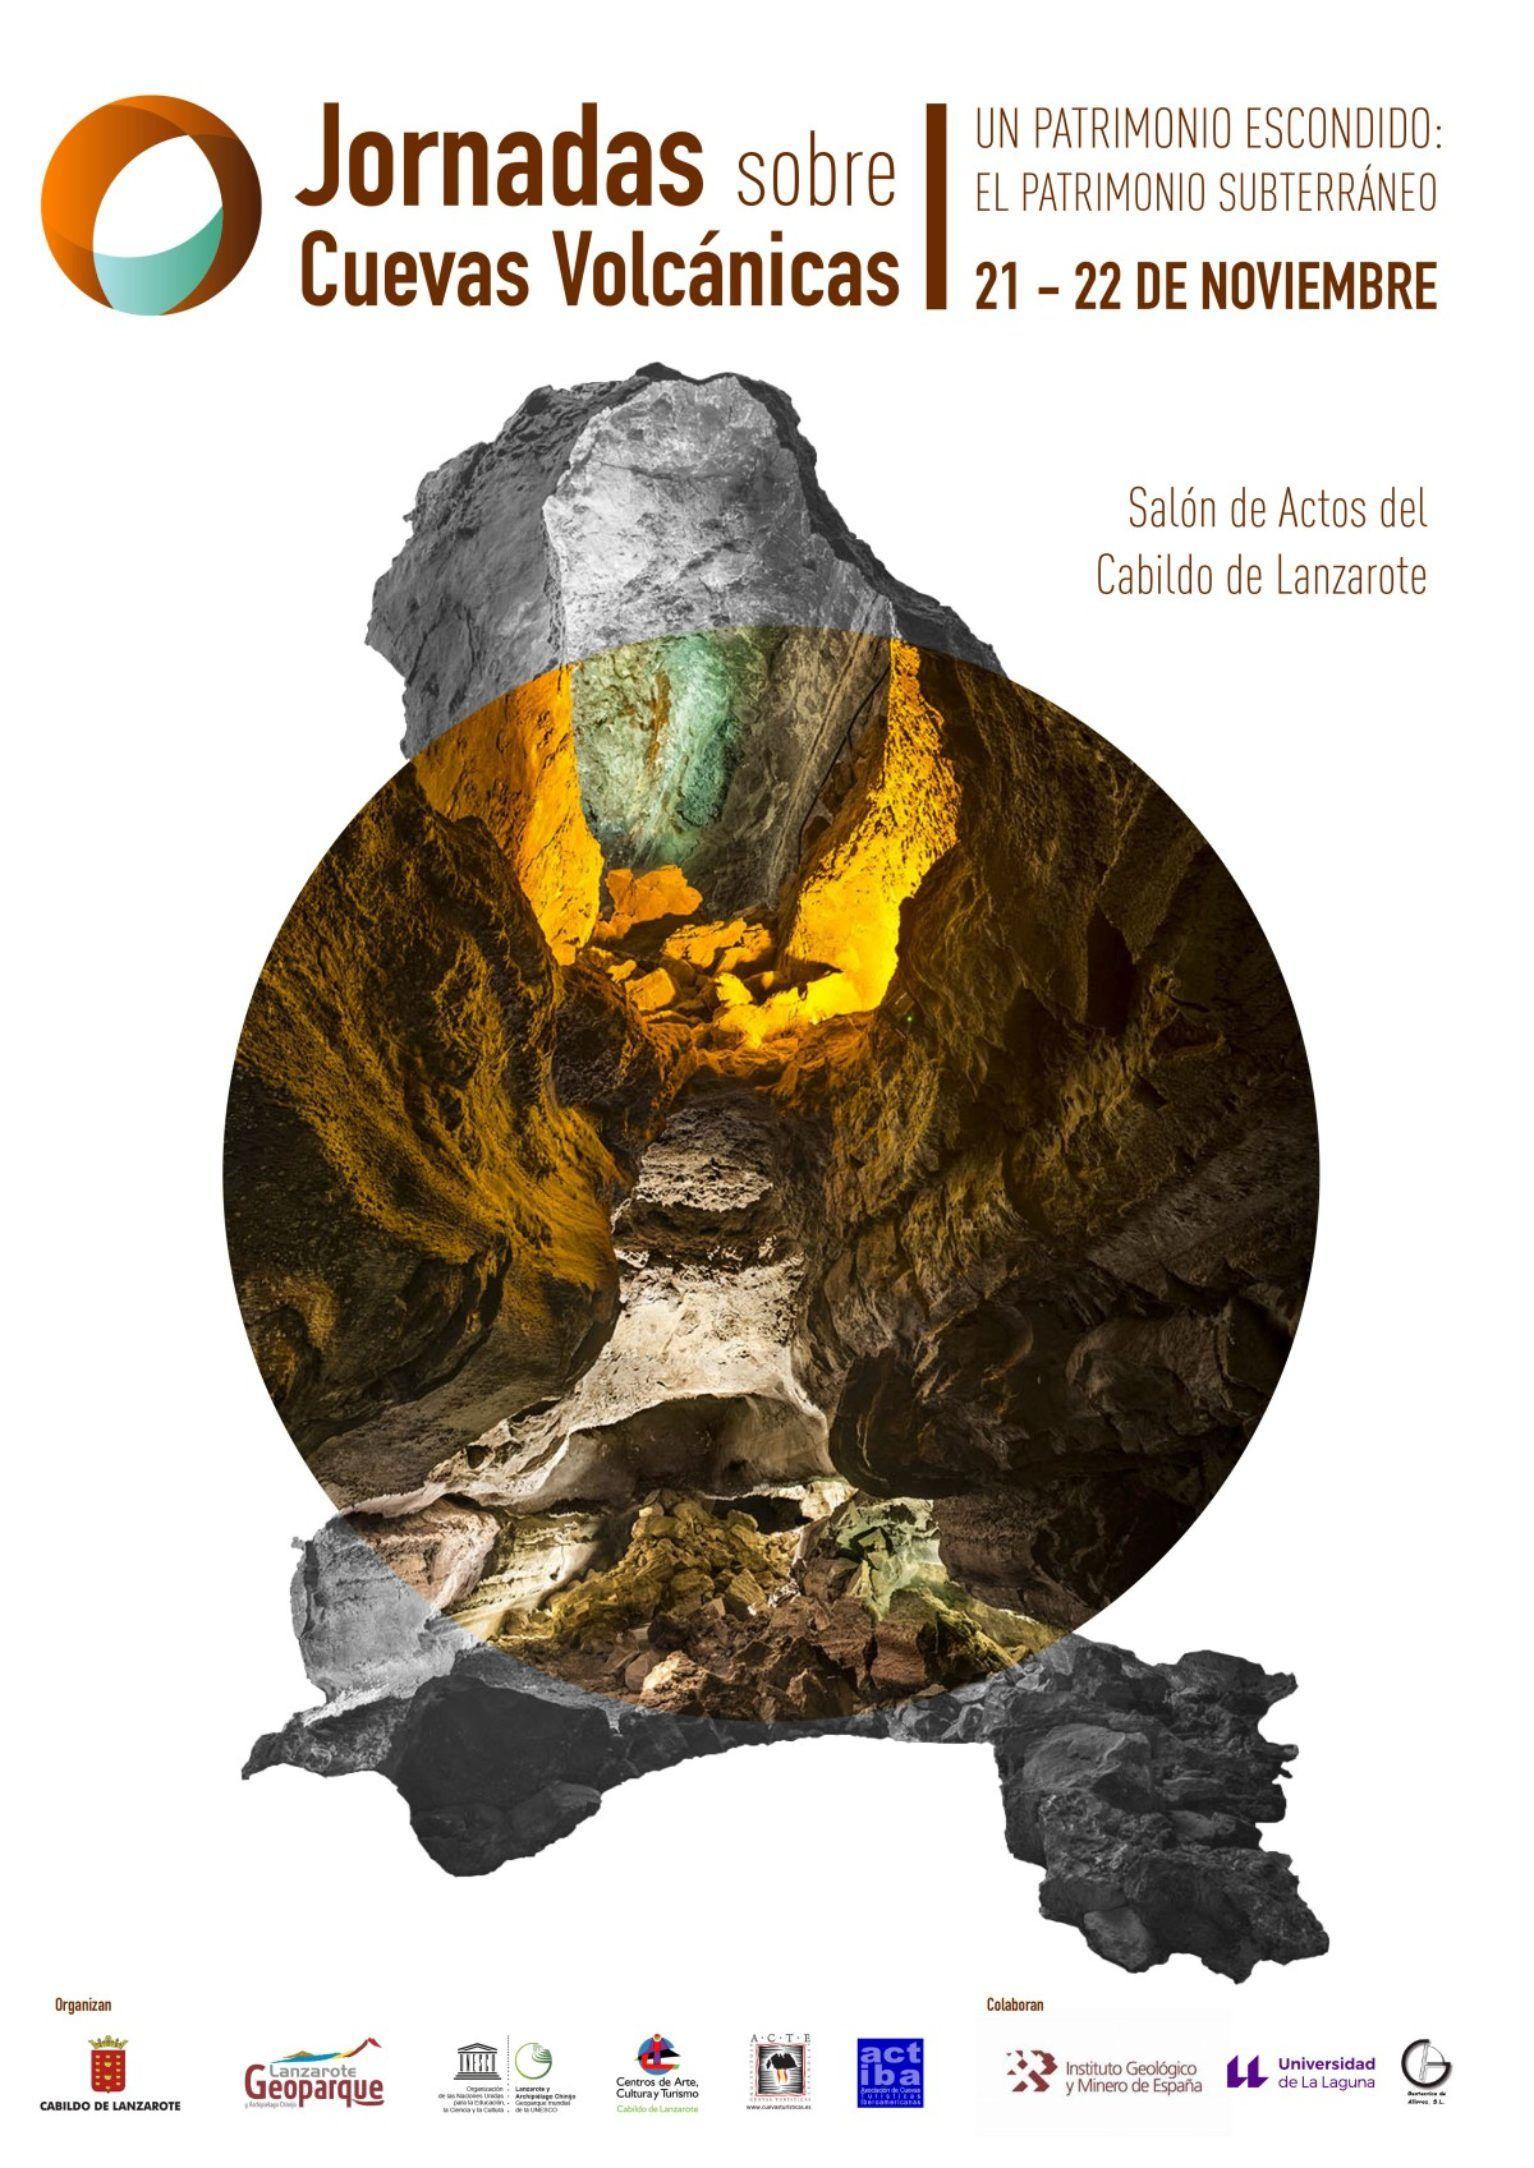 Jornadas Sobre Cuevas Volcánicas Geoparque Volcanes Cuevas Jornada